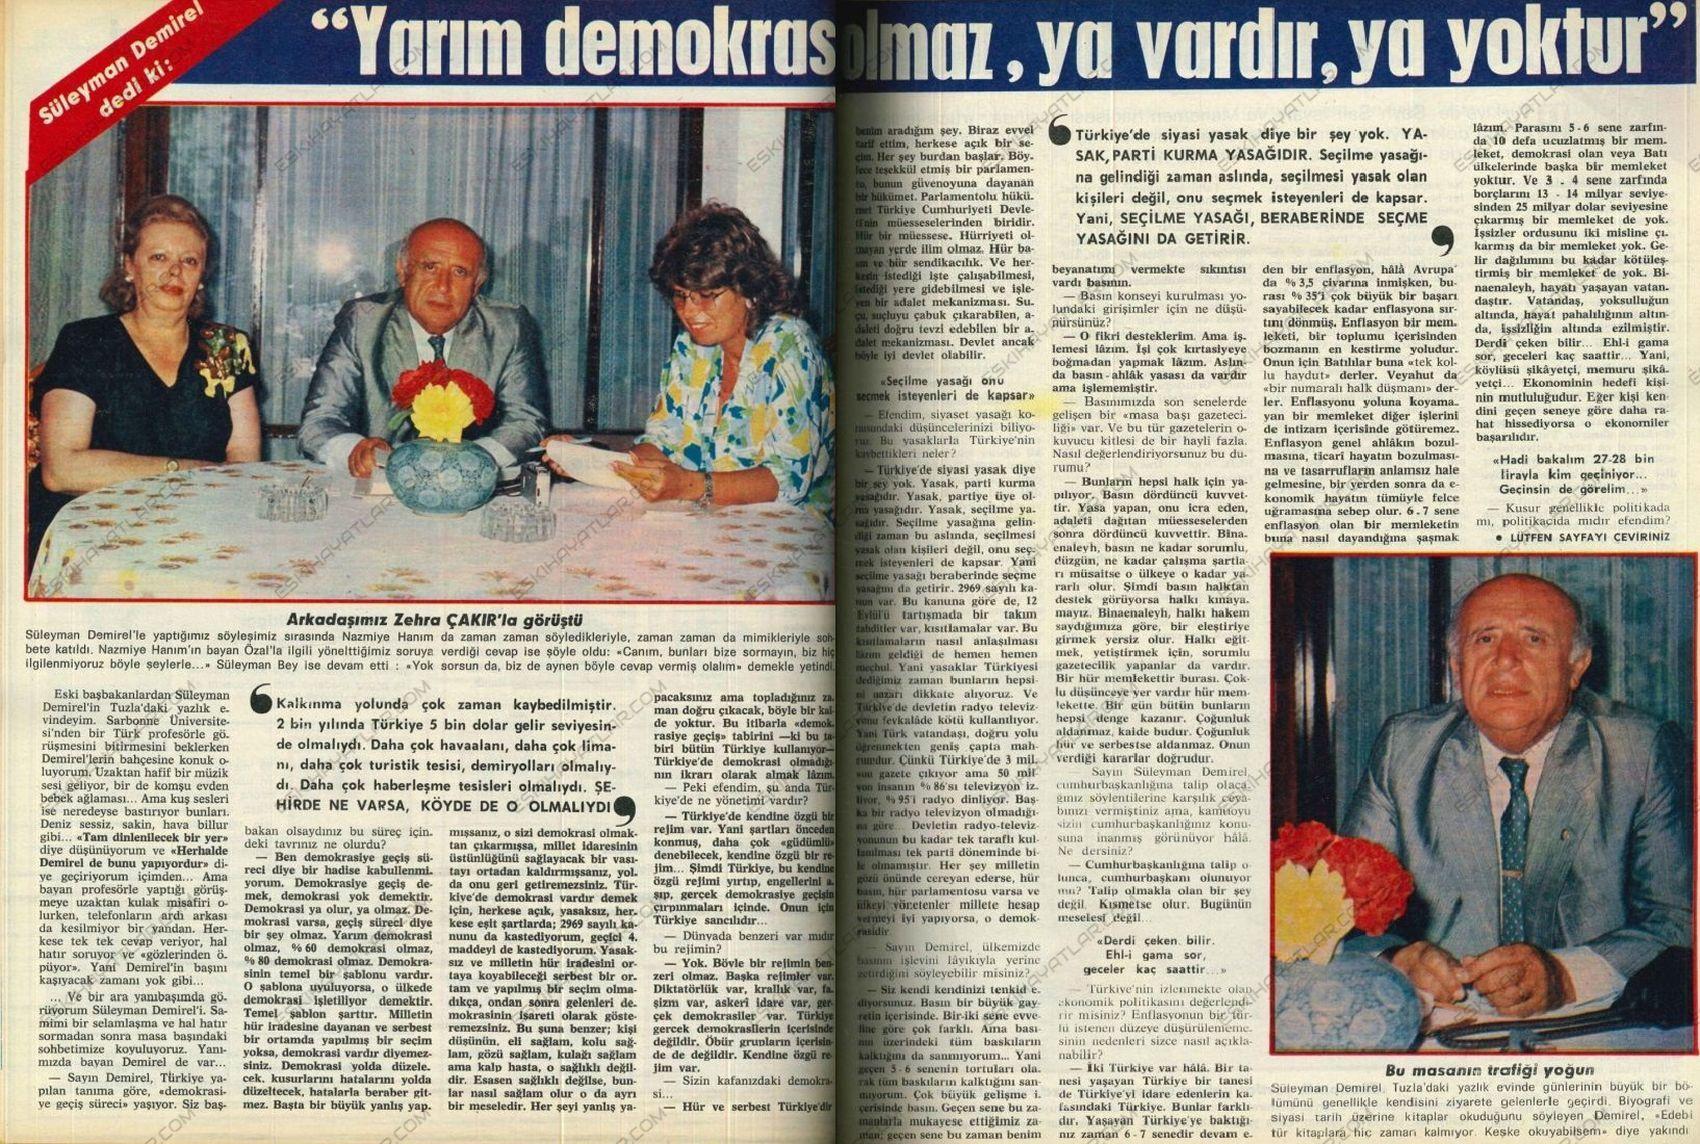 0353-suleyman-demirel-nazmiye-demirel-1986-hayat-dergisi (2)